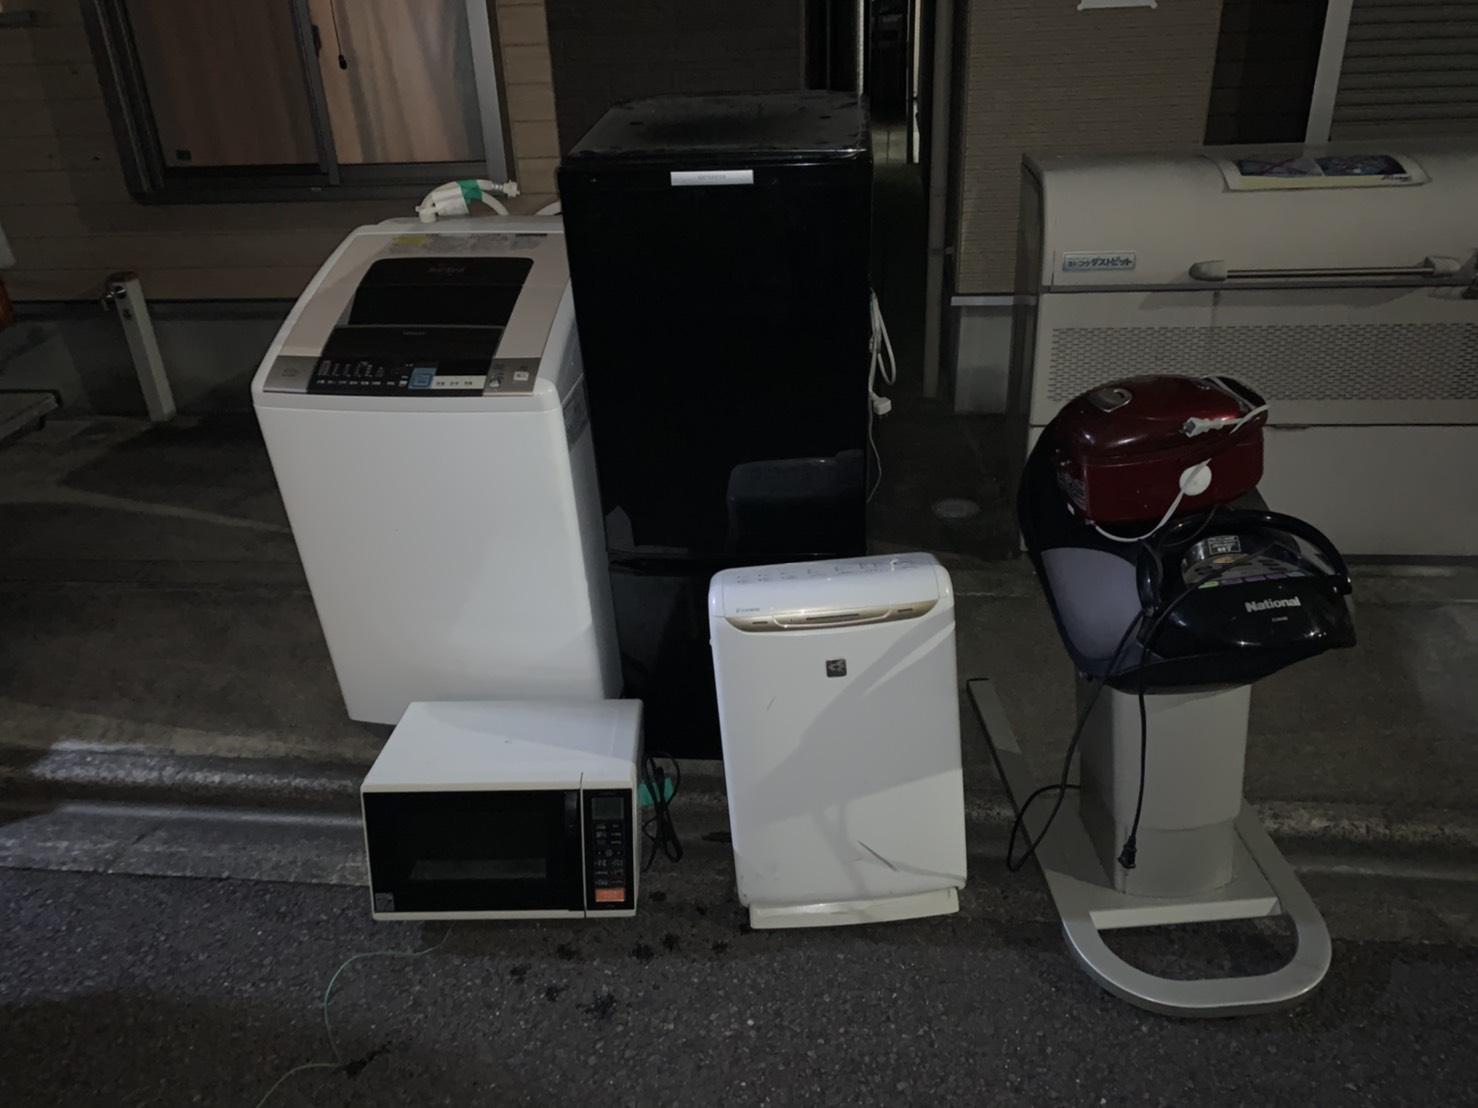 洗濯機、冷蔵庫、空気清浄機、乗馬、炊飯器、電子レンジの回収前